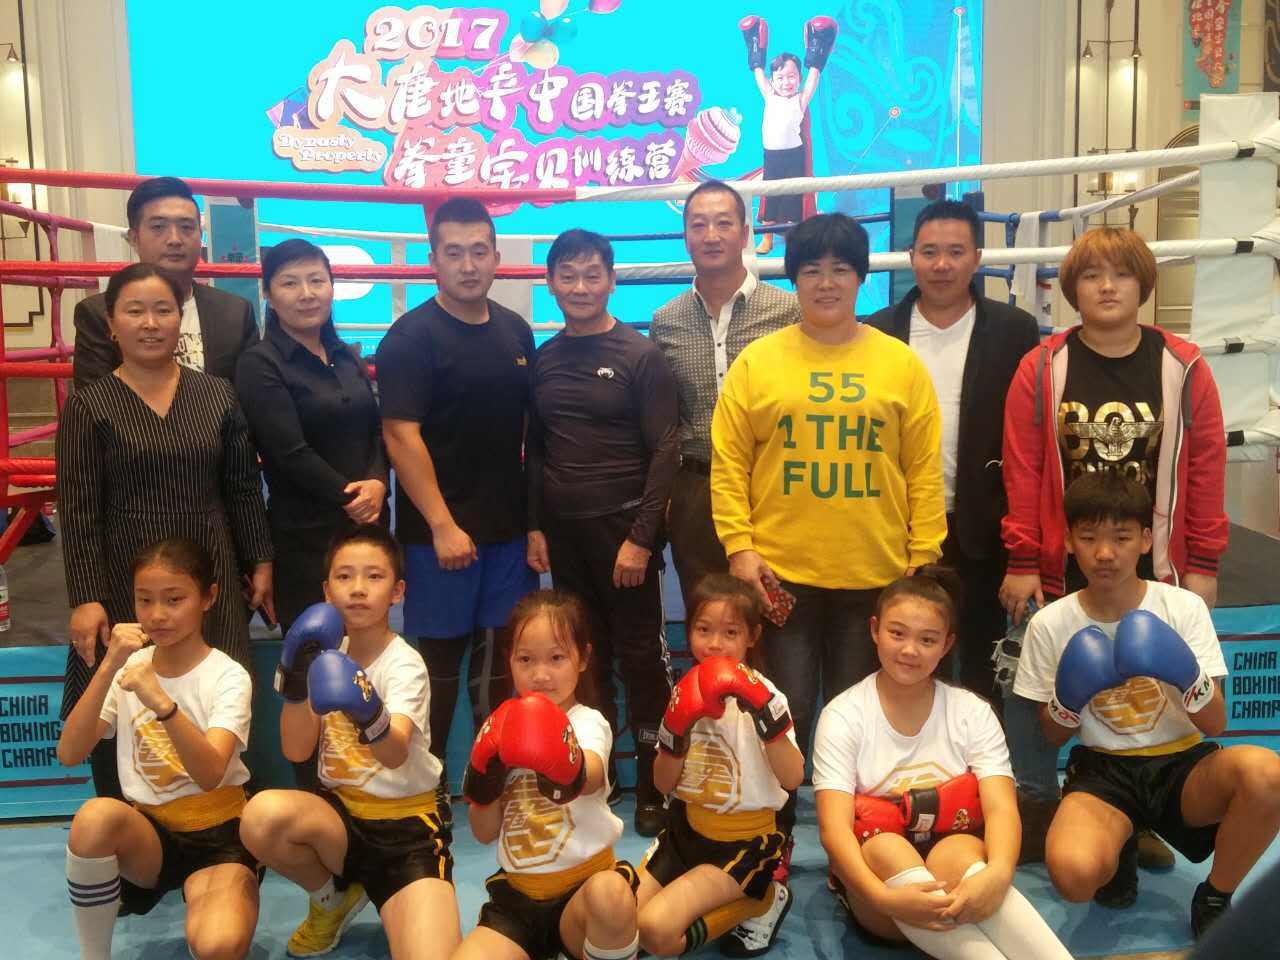 中国拳王赛拳童宝贝大赛落幕 创新活动引拳击热潮